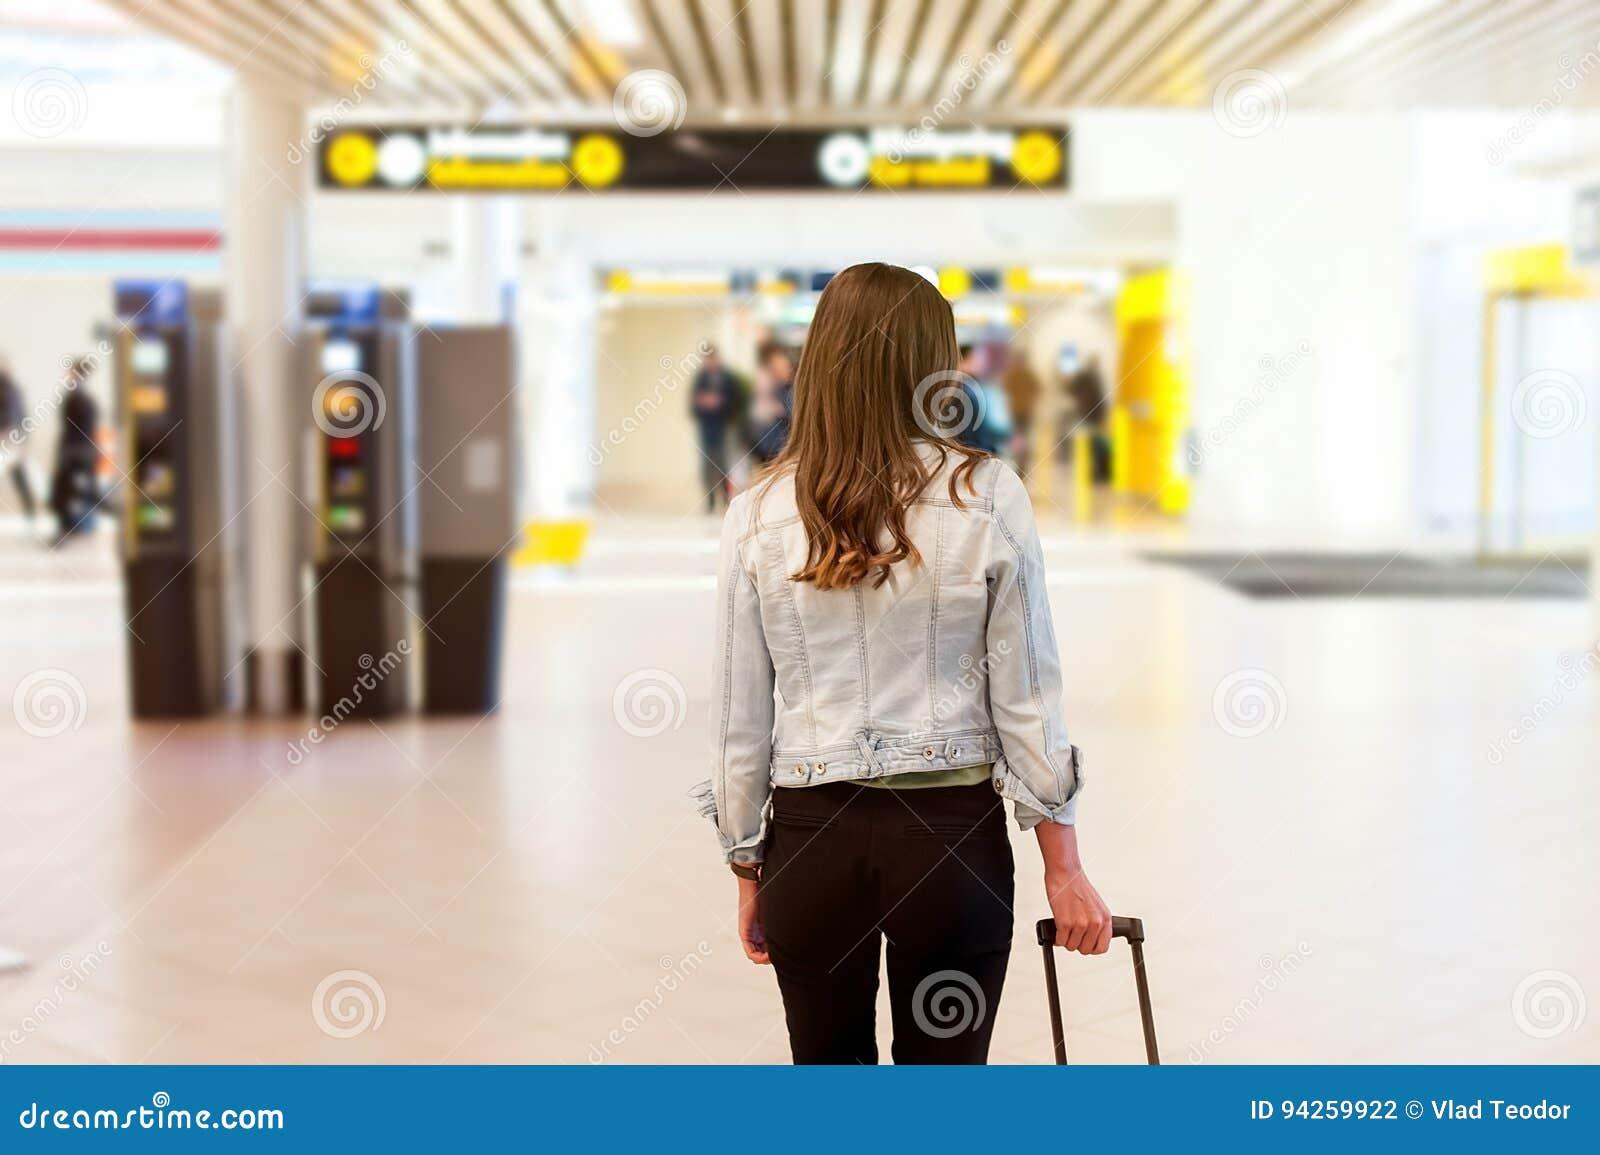 Frau am Flughafen, ihre Laufkatzentasche tragend